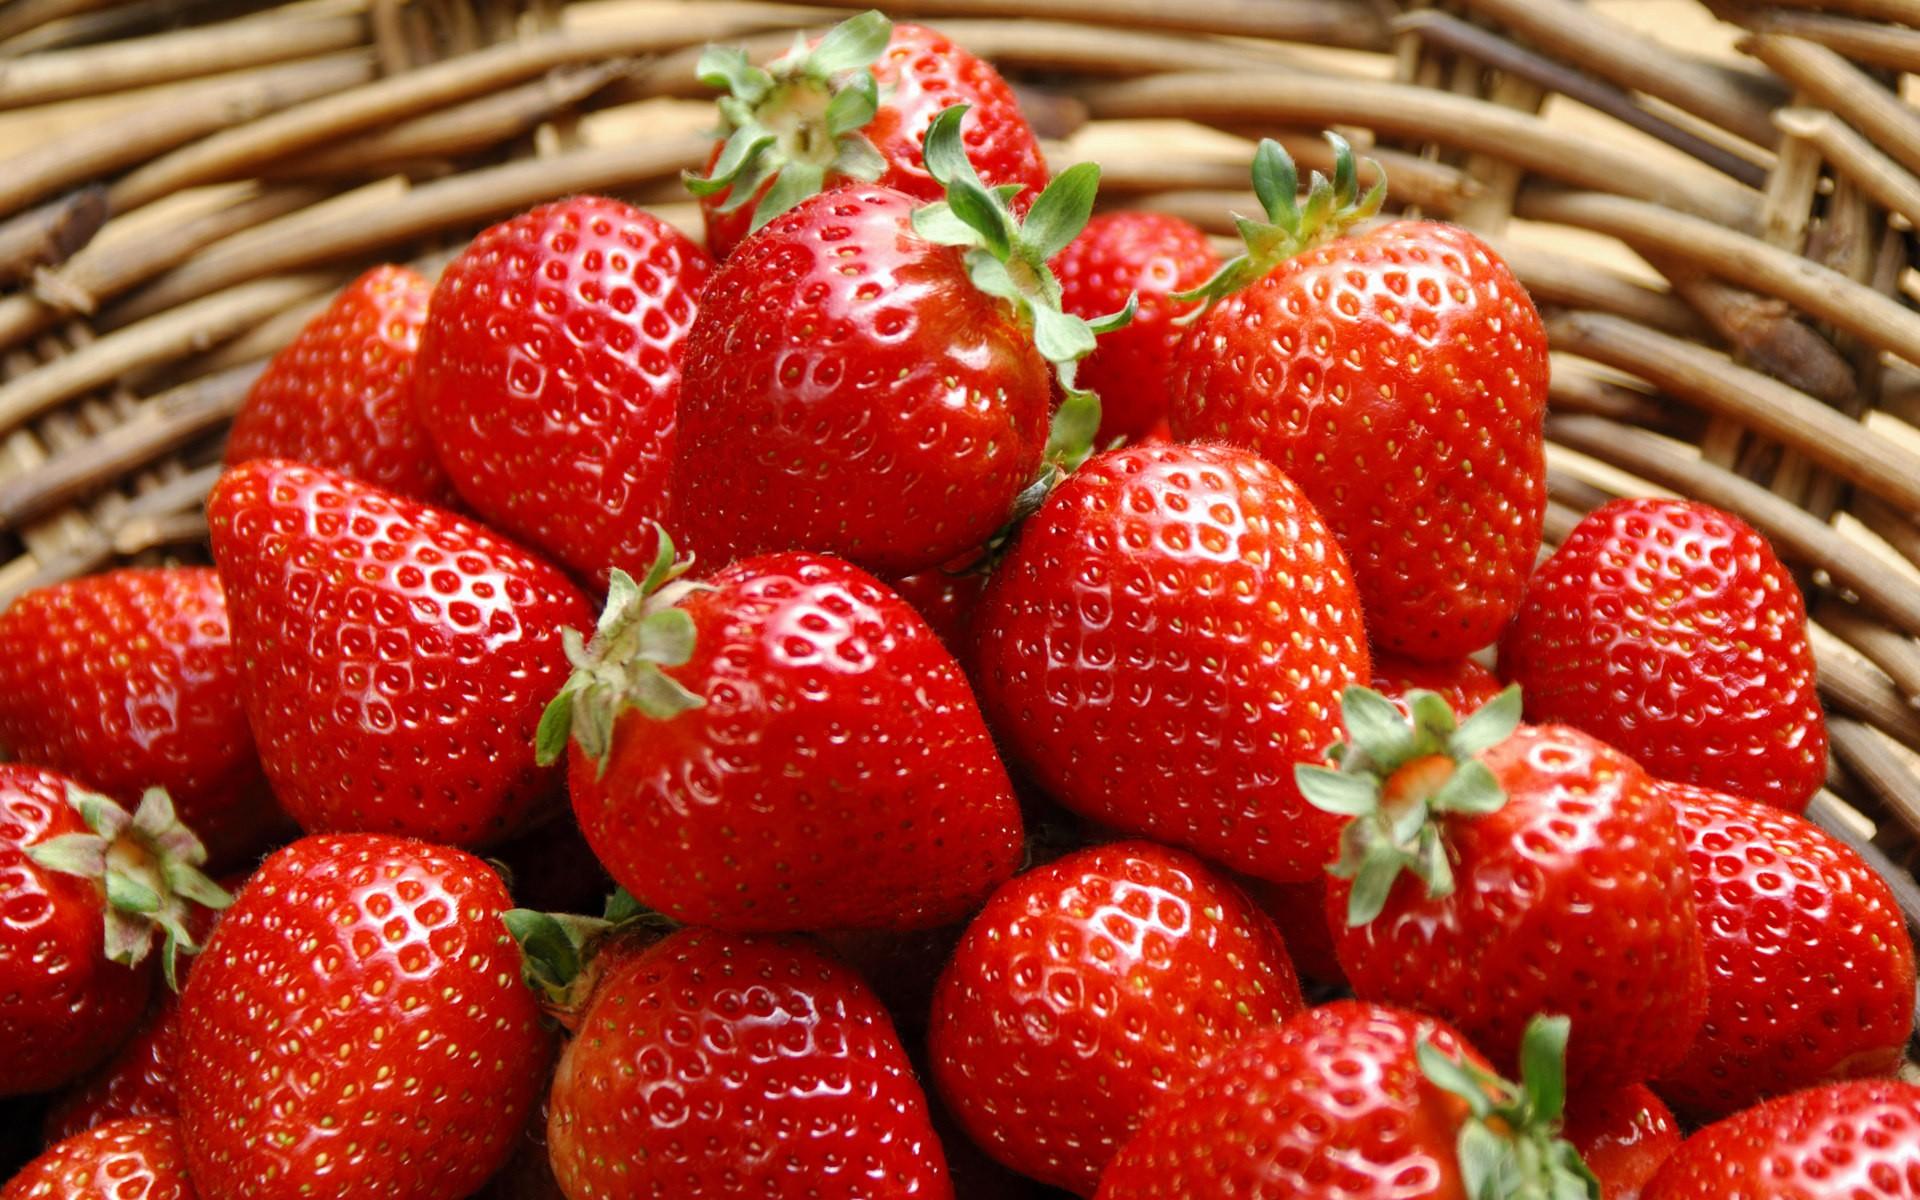 fruit strawberries closeup food